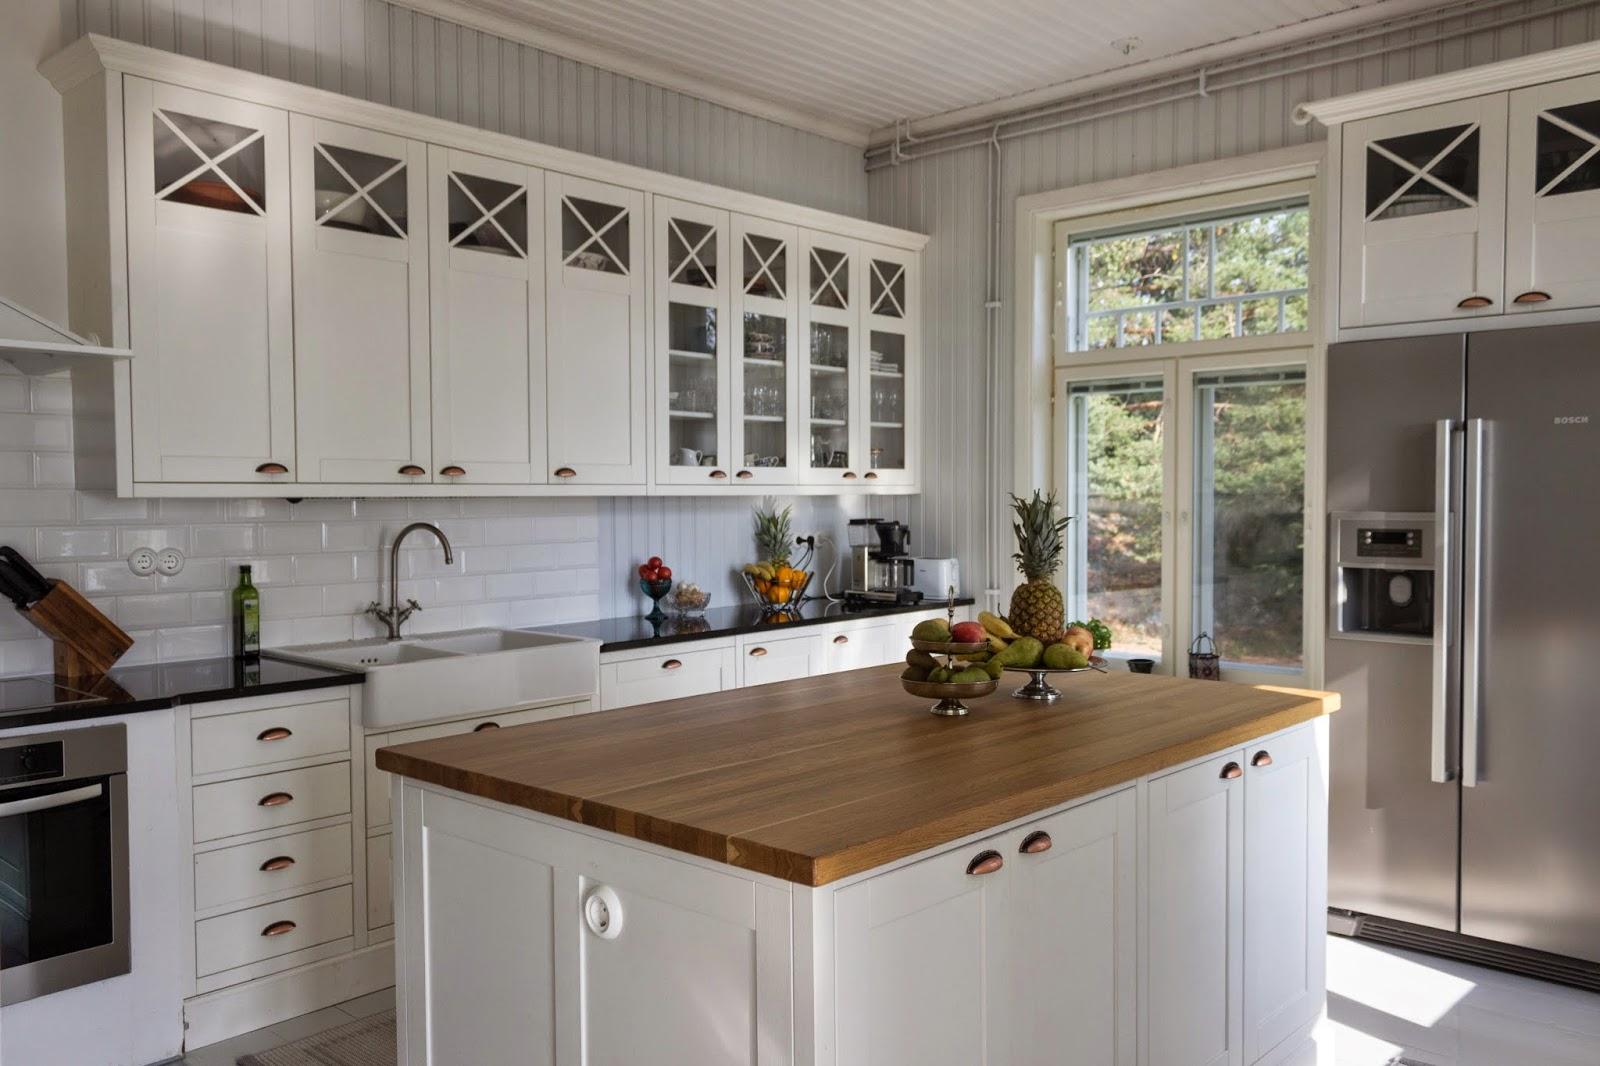 Maalaisromanttinen keittiö, country kitchen